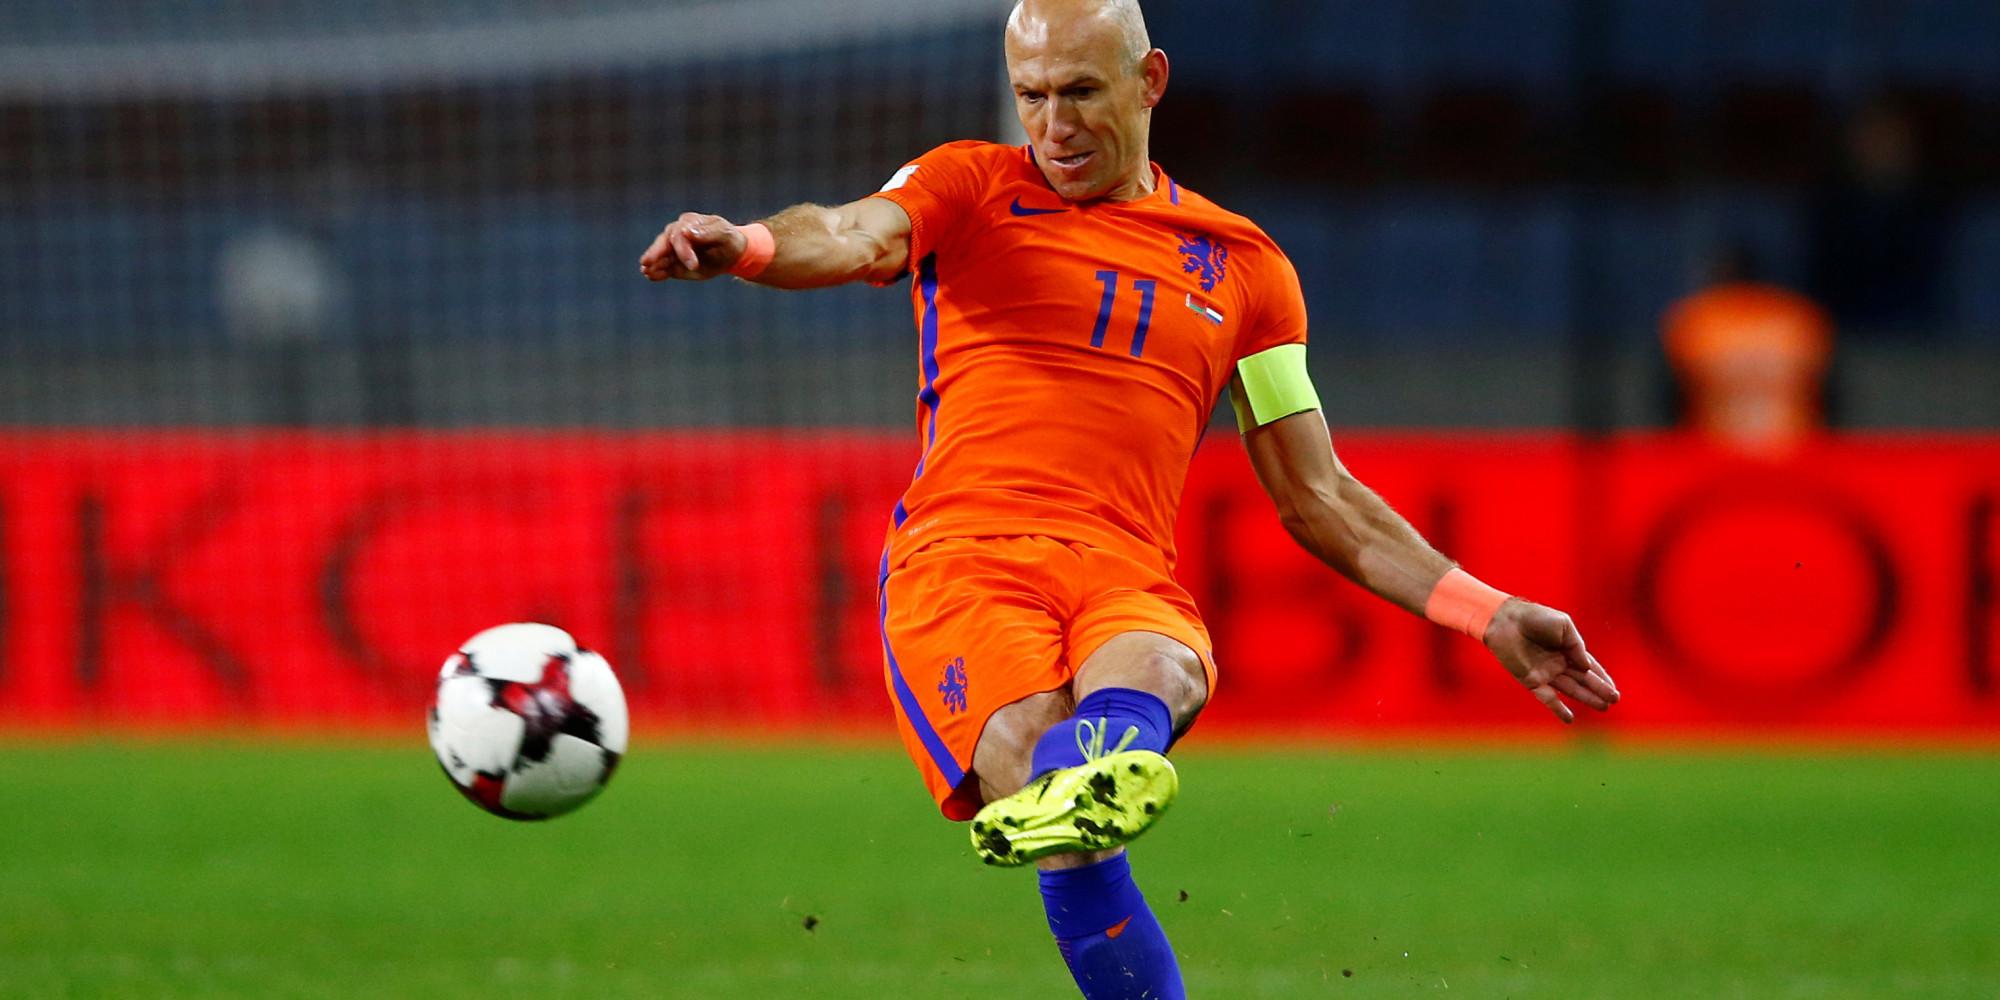 Niederlande Schweden Im Live Stream Wm Qualifikation Online Sehen